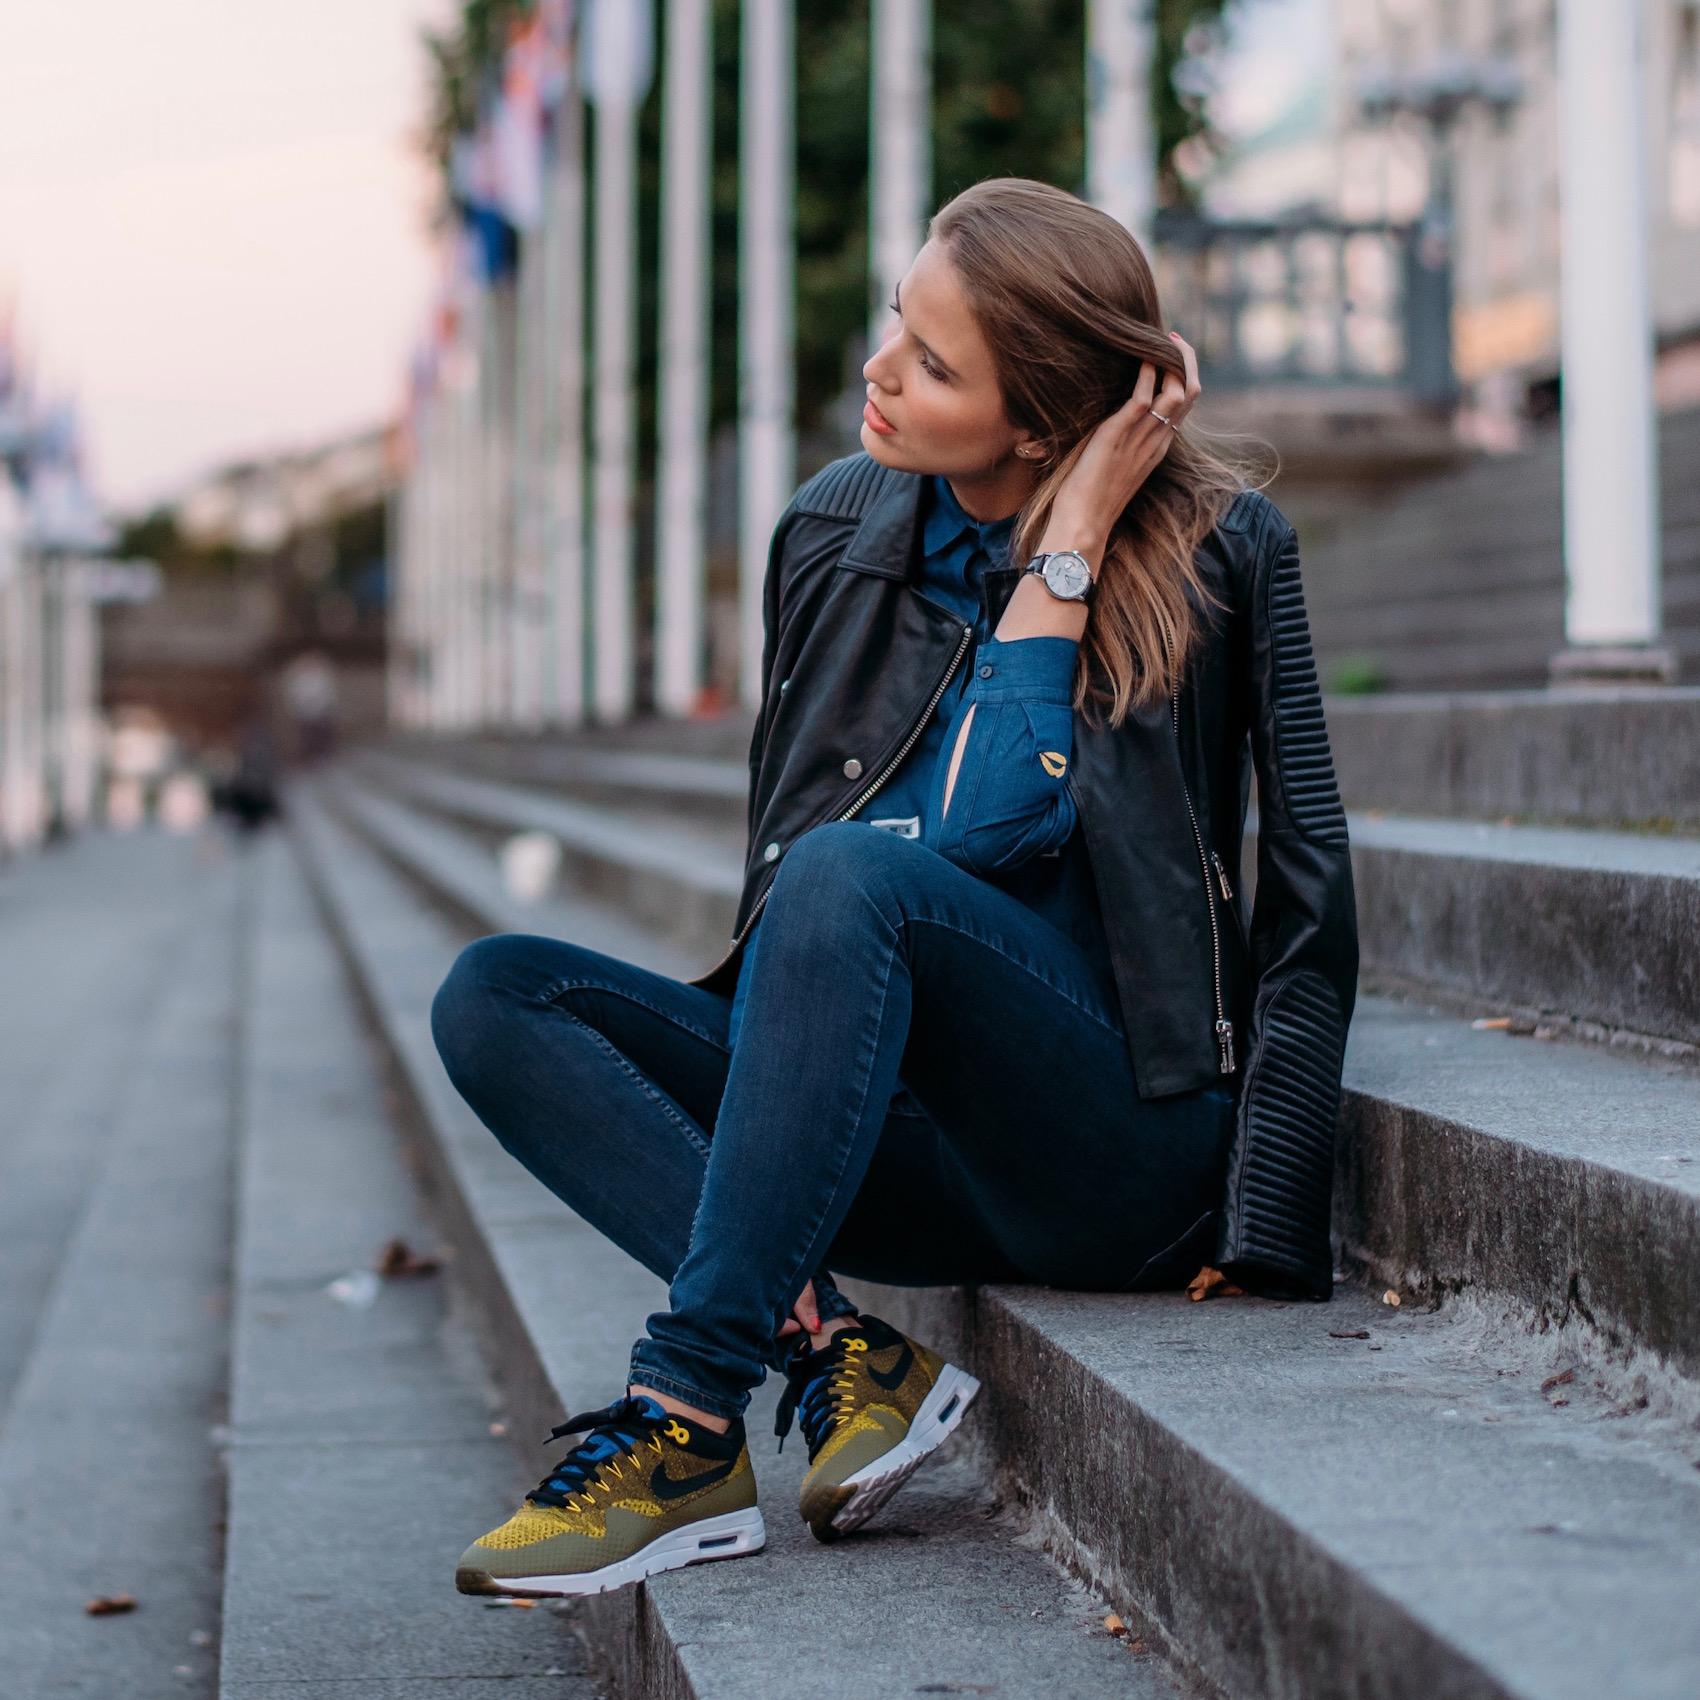 generation-y susan_fengler_suelovesnyc_sue_loves_nyc_nie_genug_generation_y_generationy_kolumne_blog_hamburg